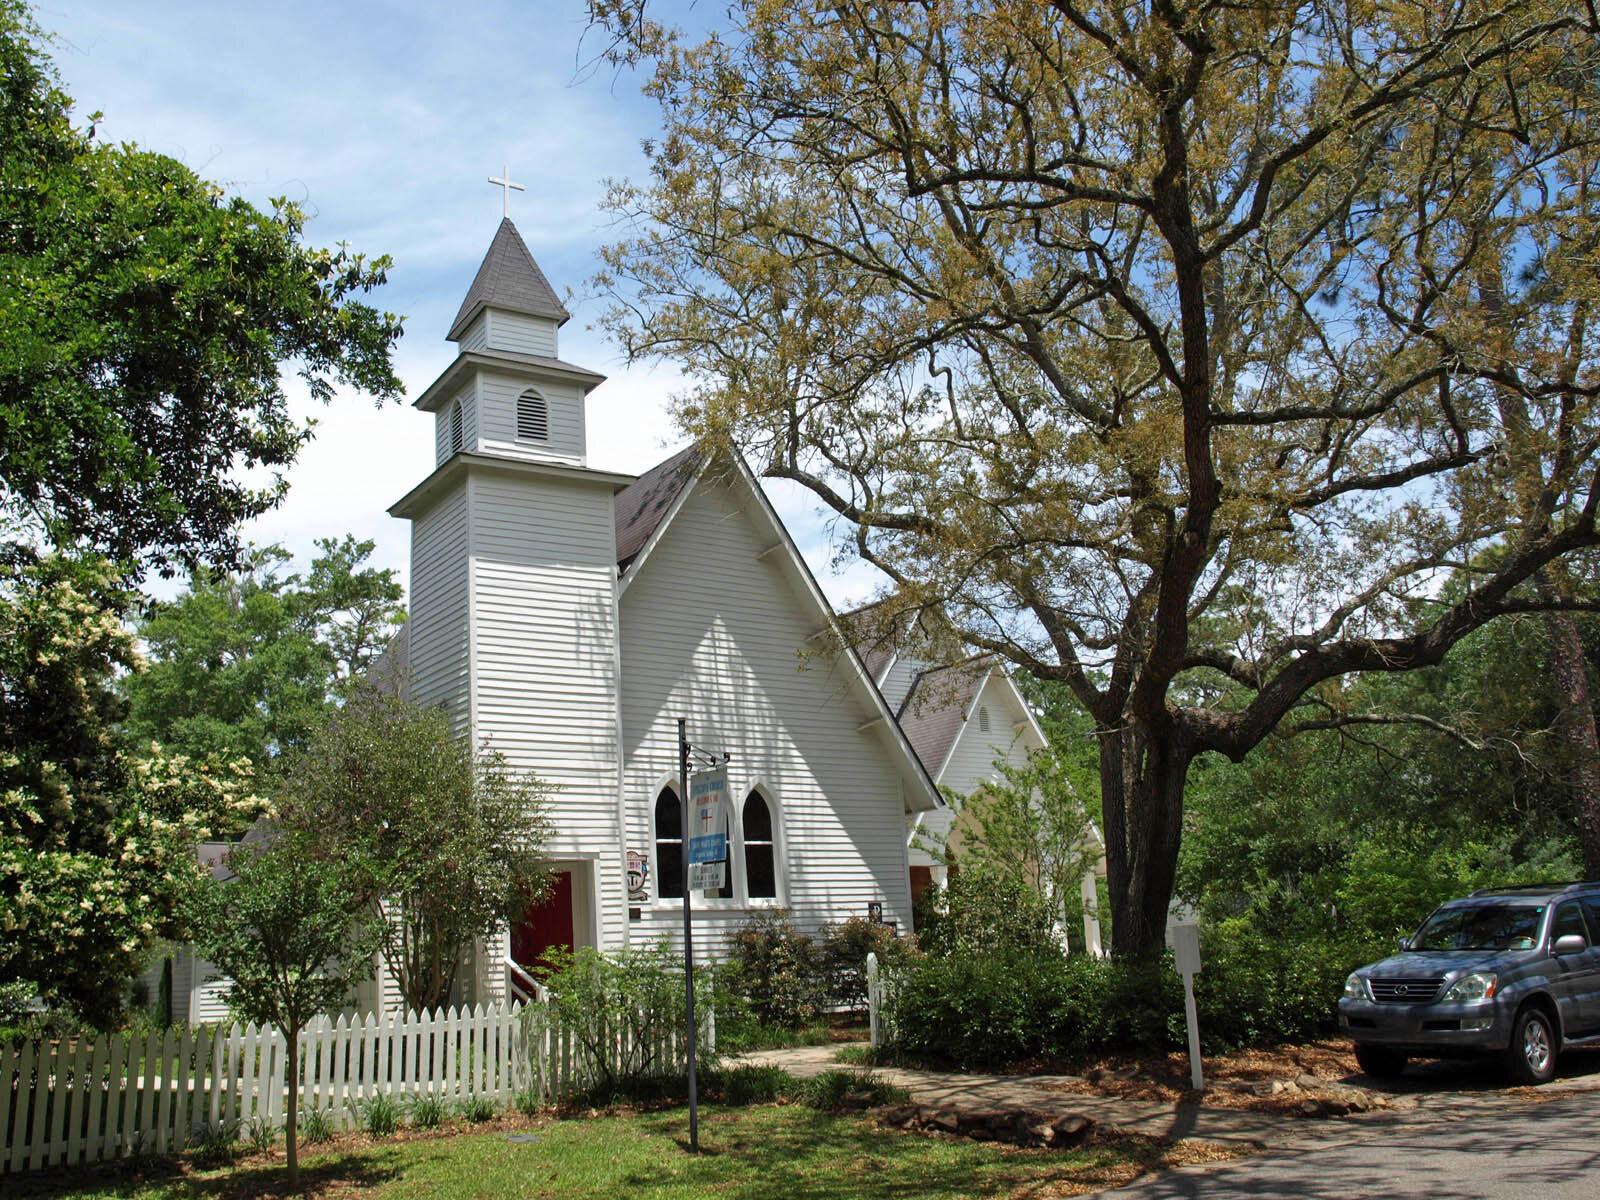 St._Paul's_Episcopal_Magnolia_Springs_May_2013_1.jpg